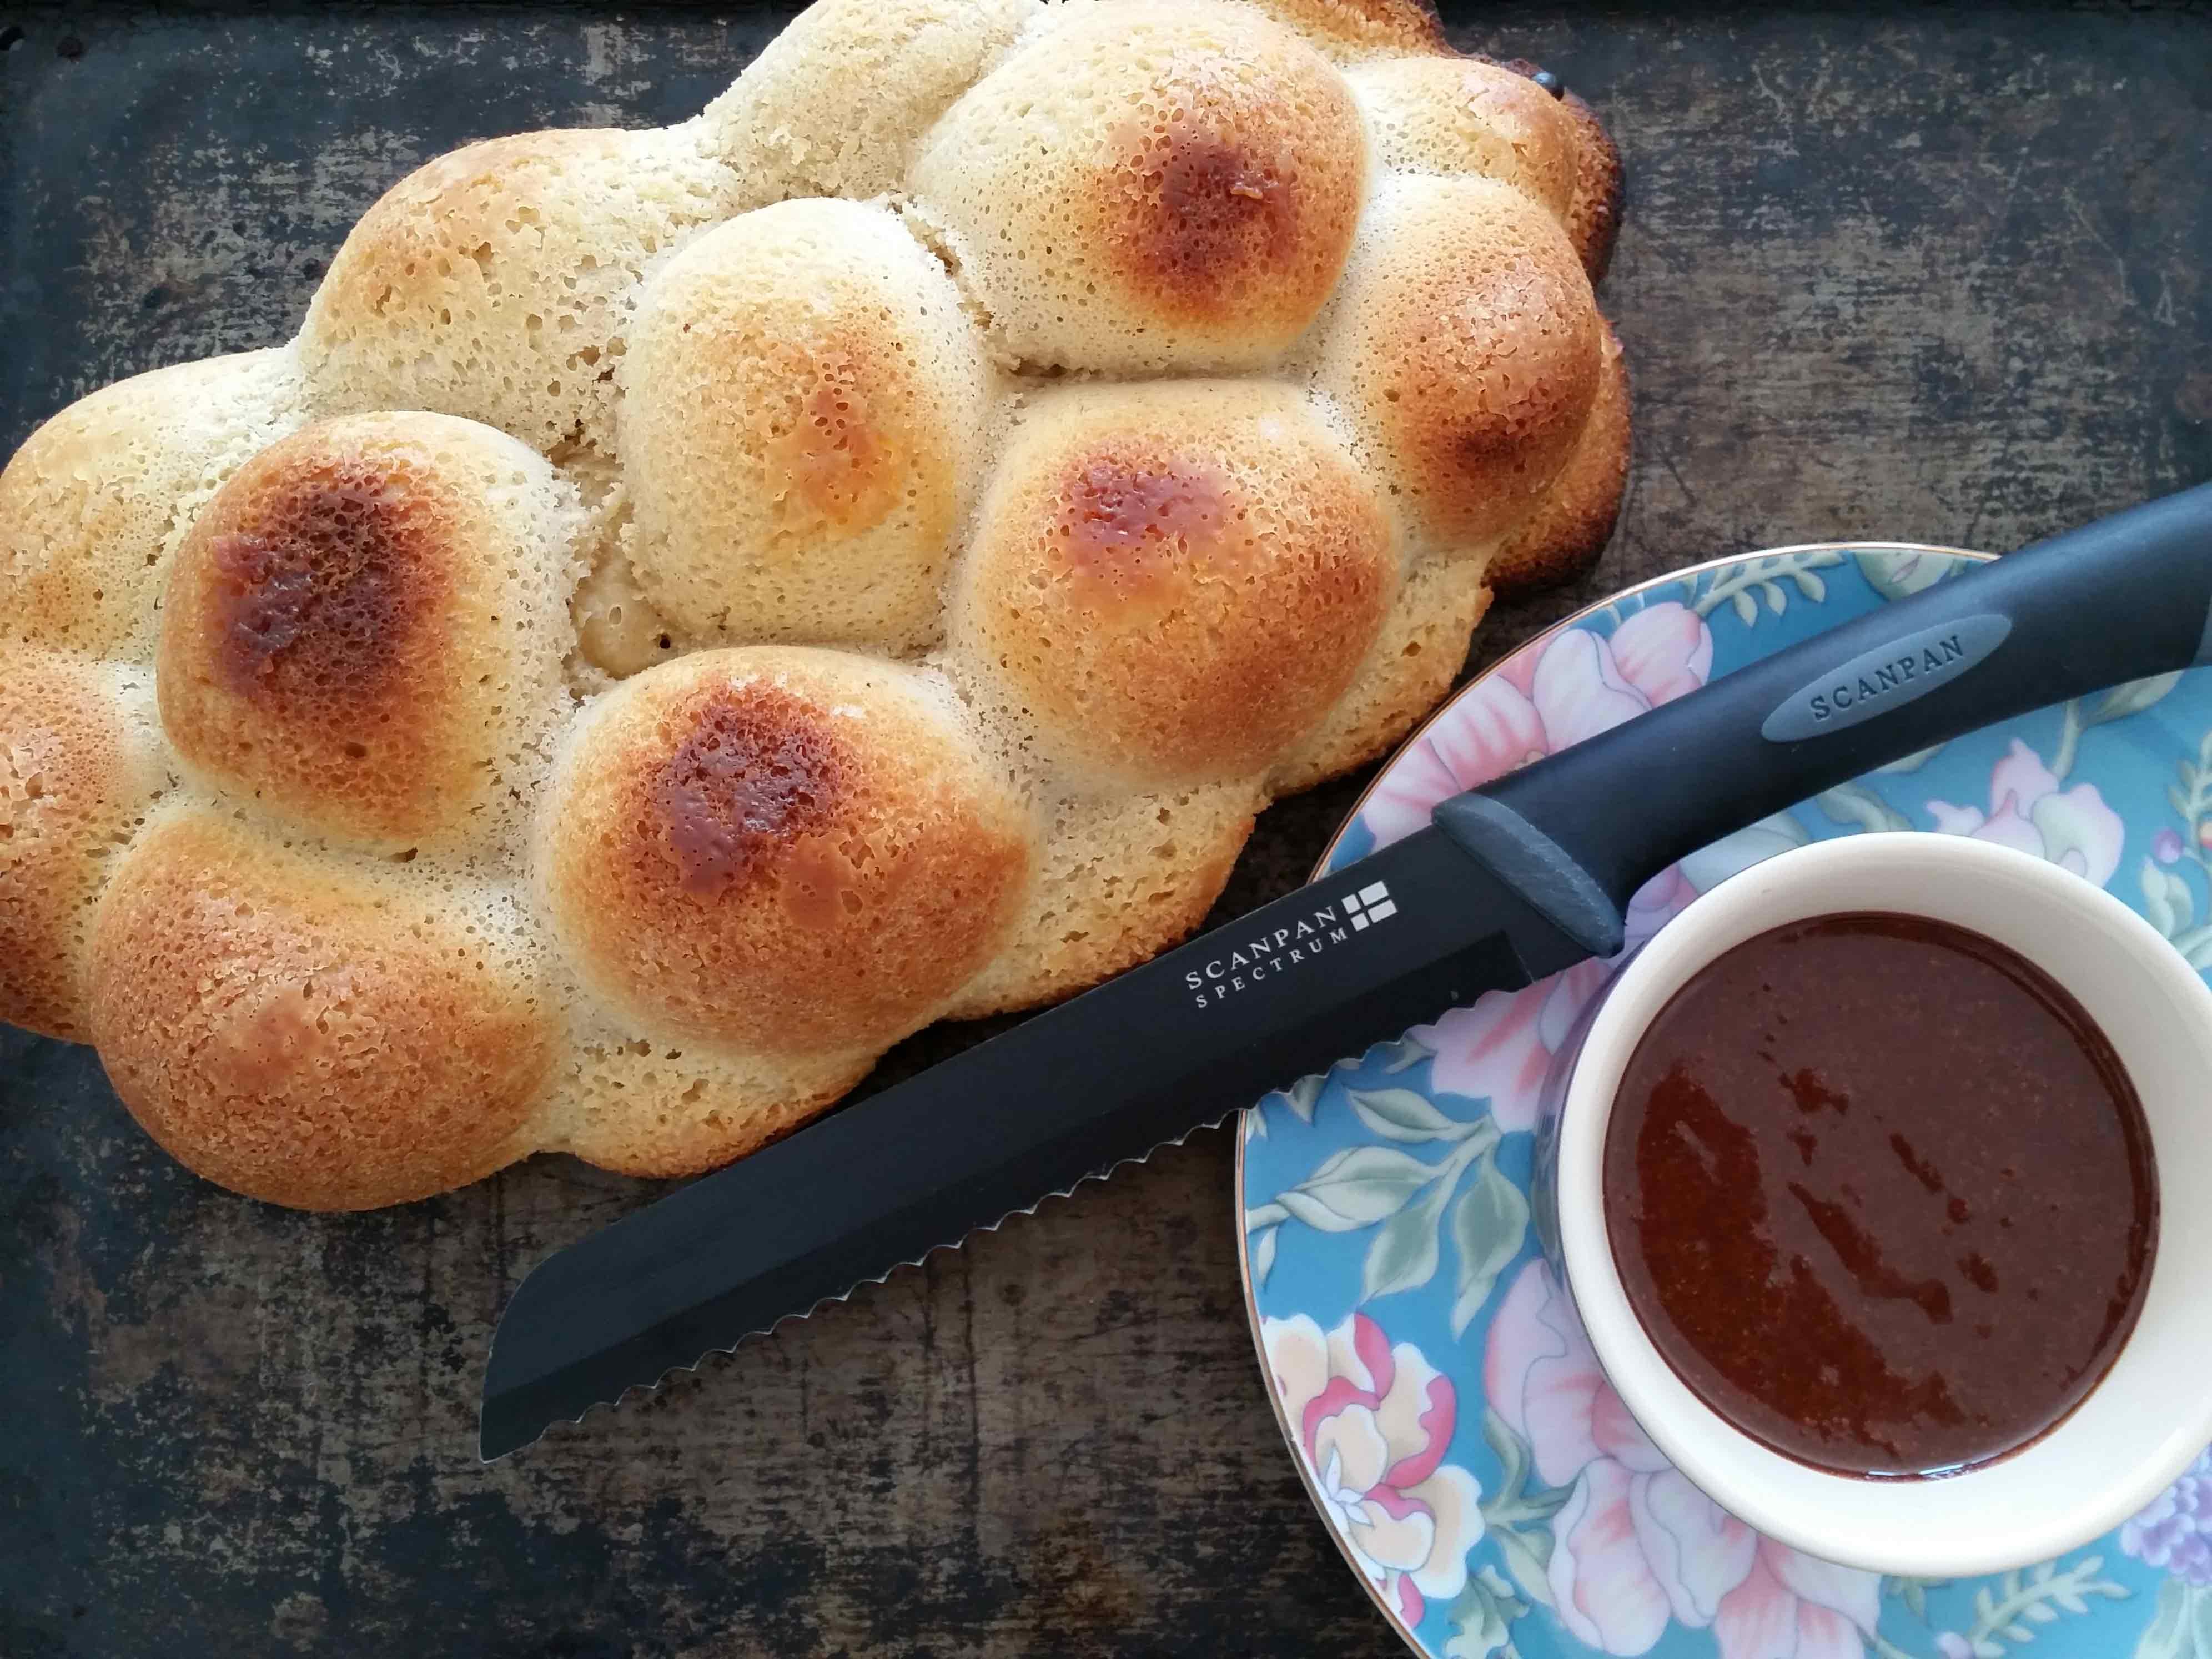 Crunchy Chocolate Hazelnut Spread with Challah